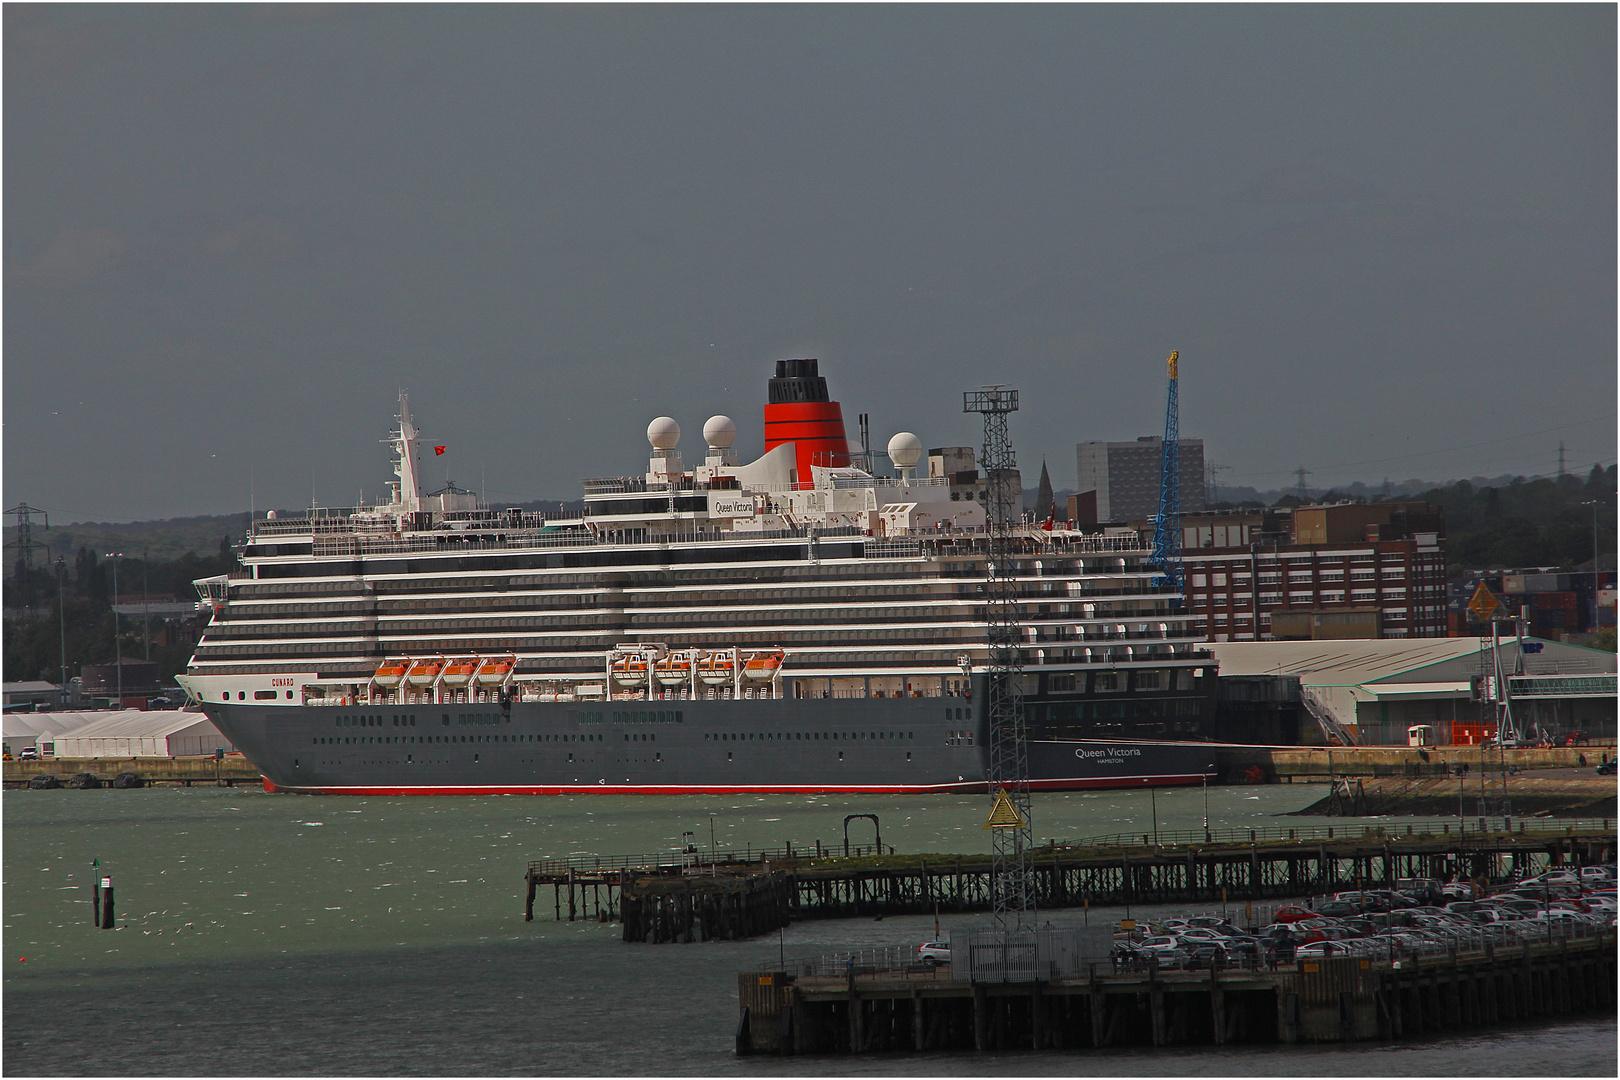 Queen Victoria Southampton